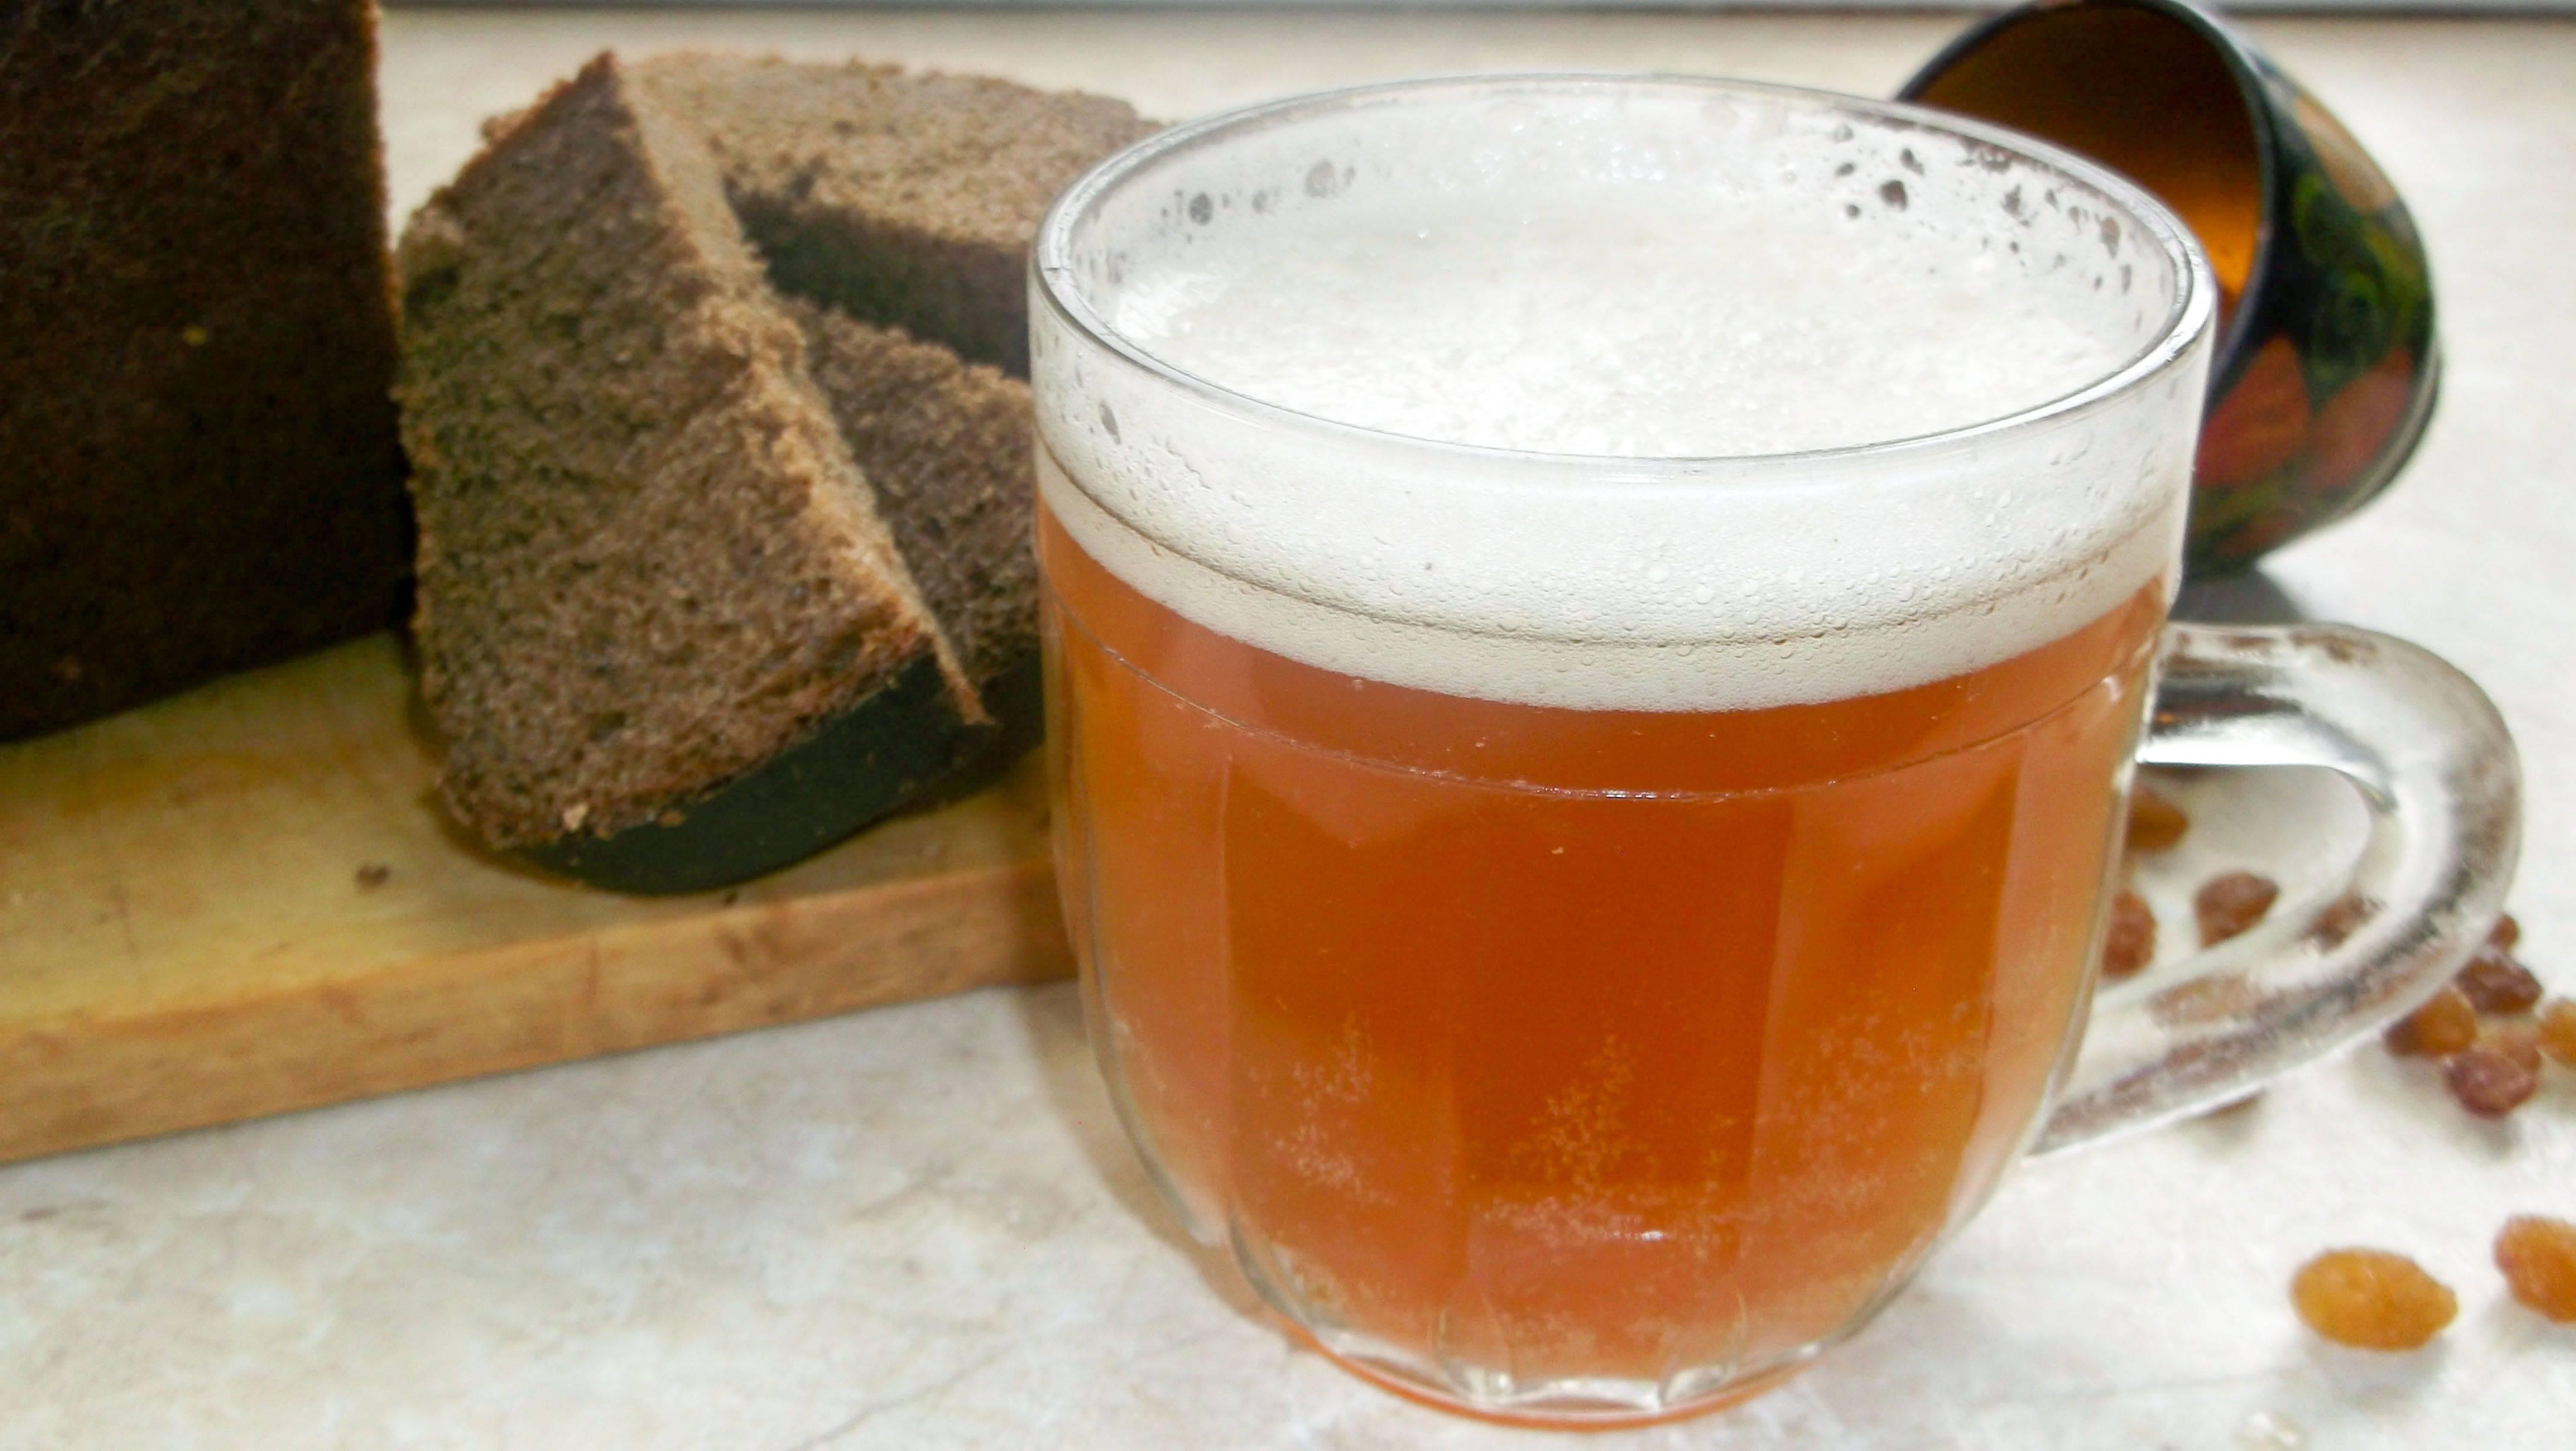 Как сварить пиво из солода и хмеля в домашних условиях